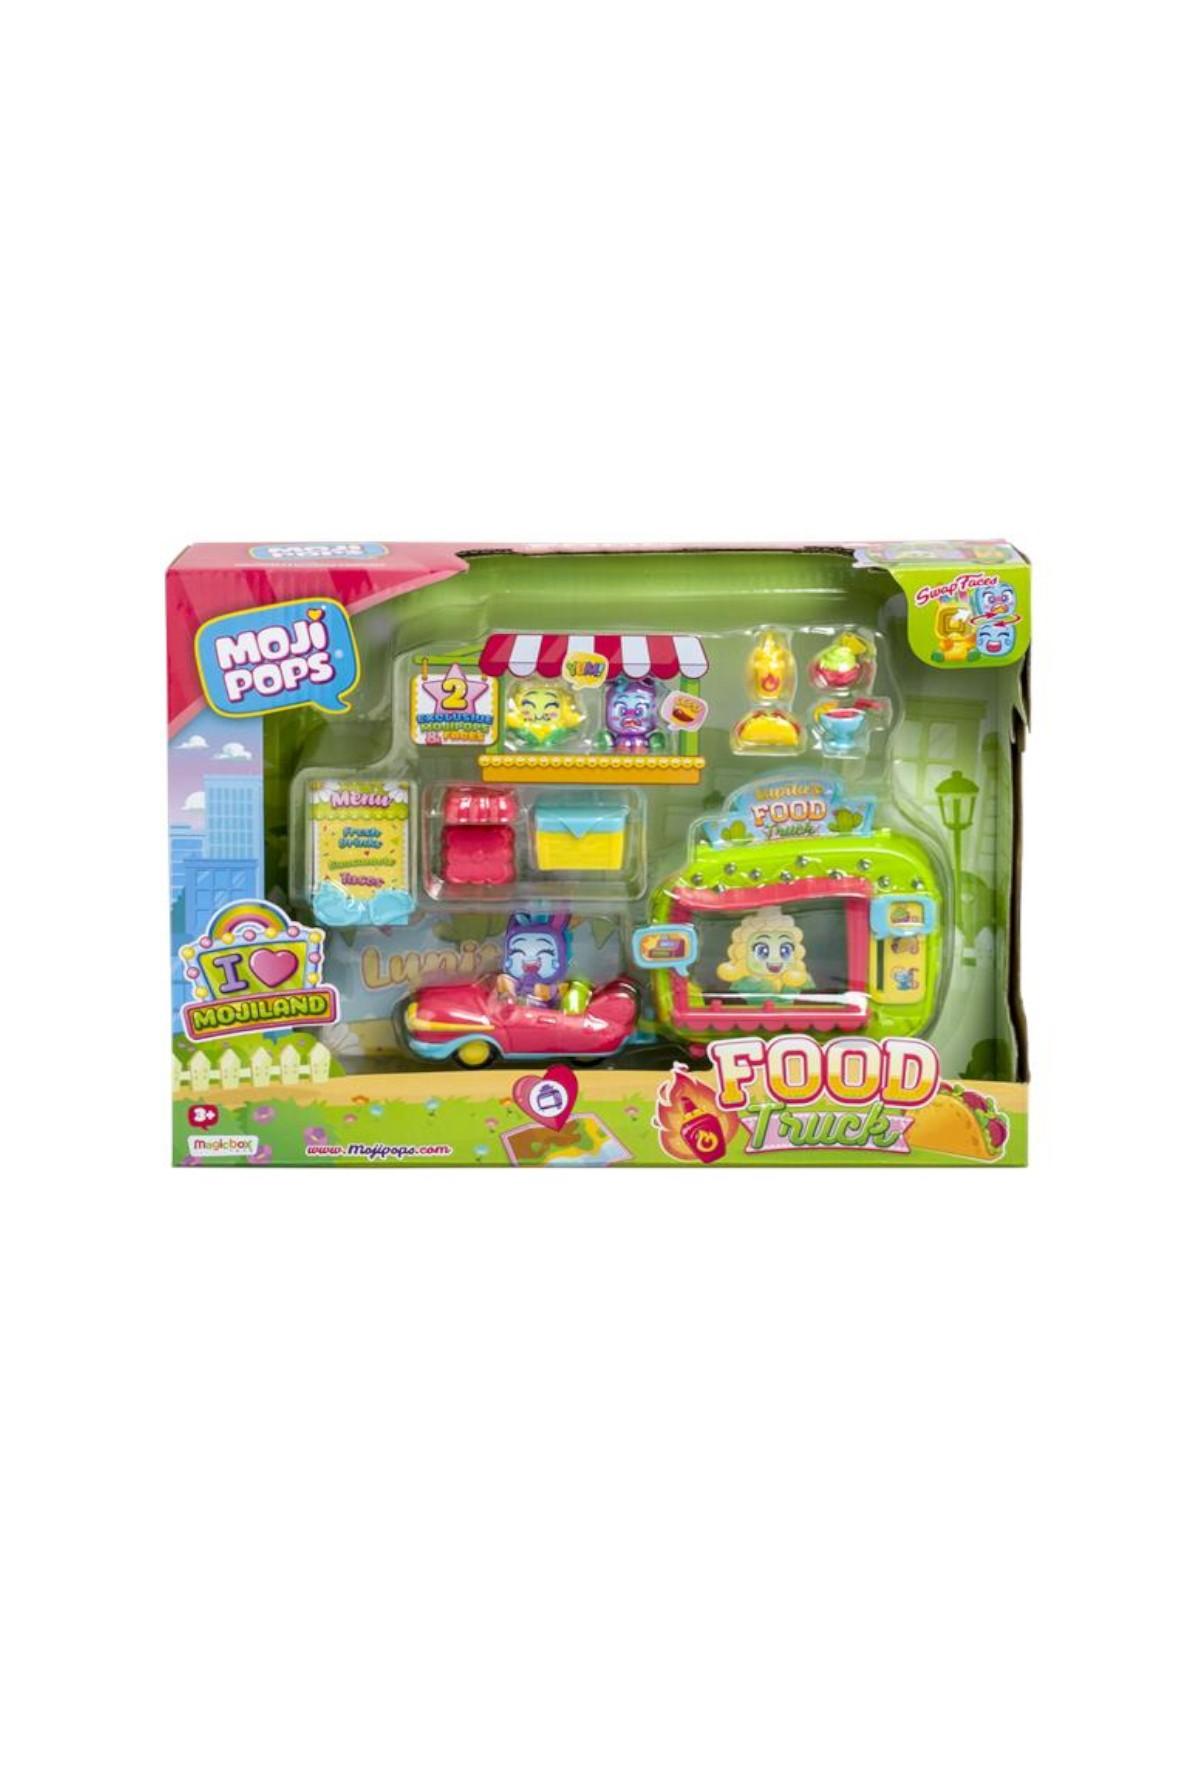 Moji Pops MojiLand I Love Food Truck furgonetka + 2 figurki wiek 3+